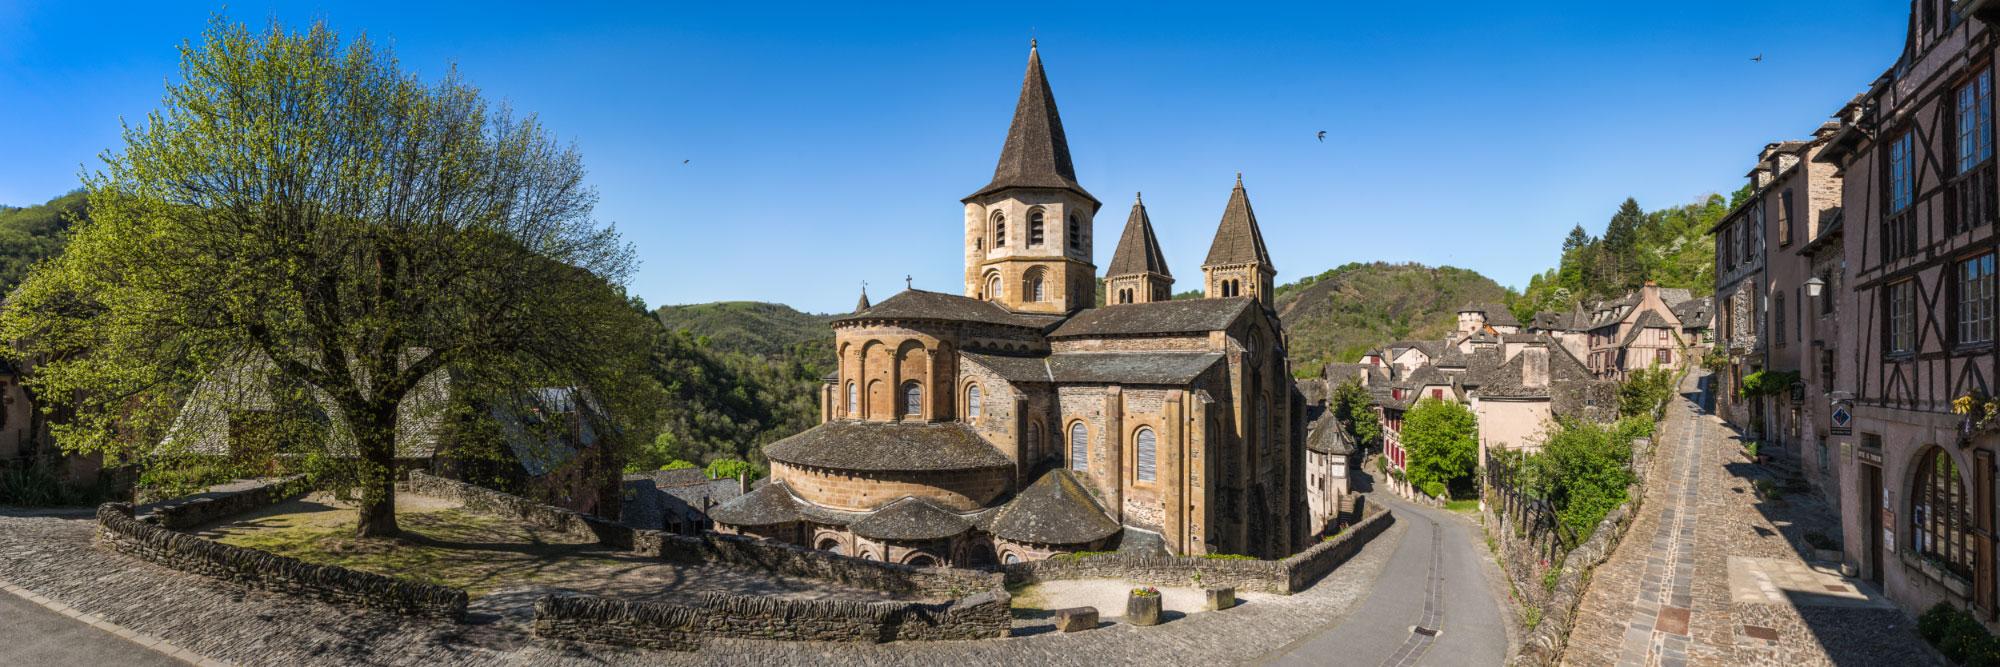 L'abbaye Sainte-Foy de Conques, Rouergue